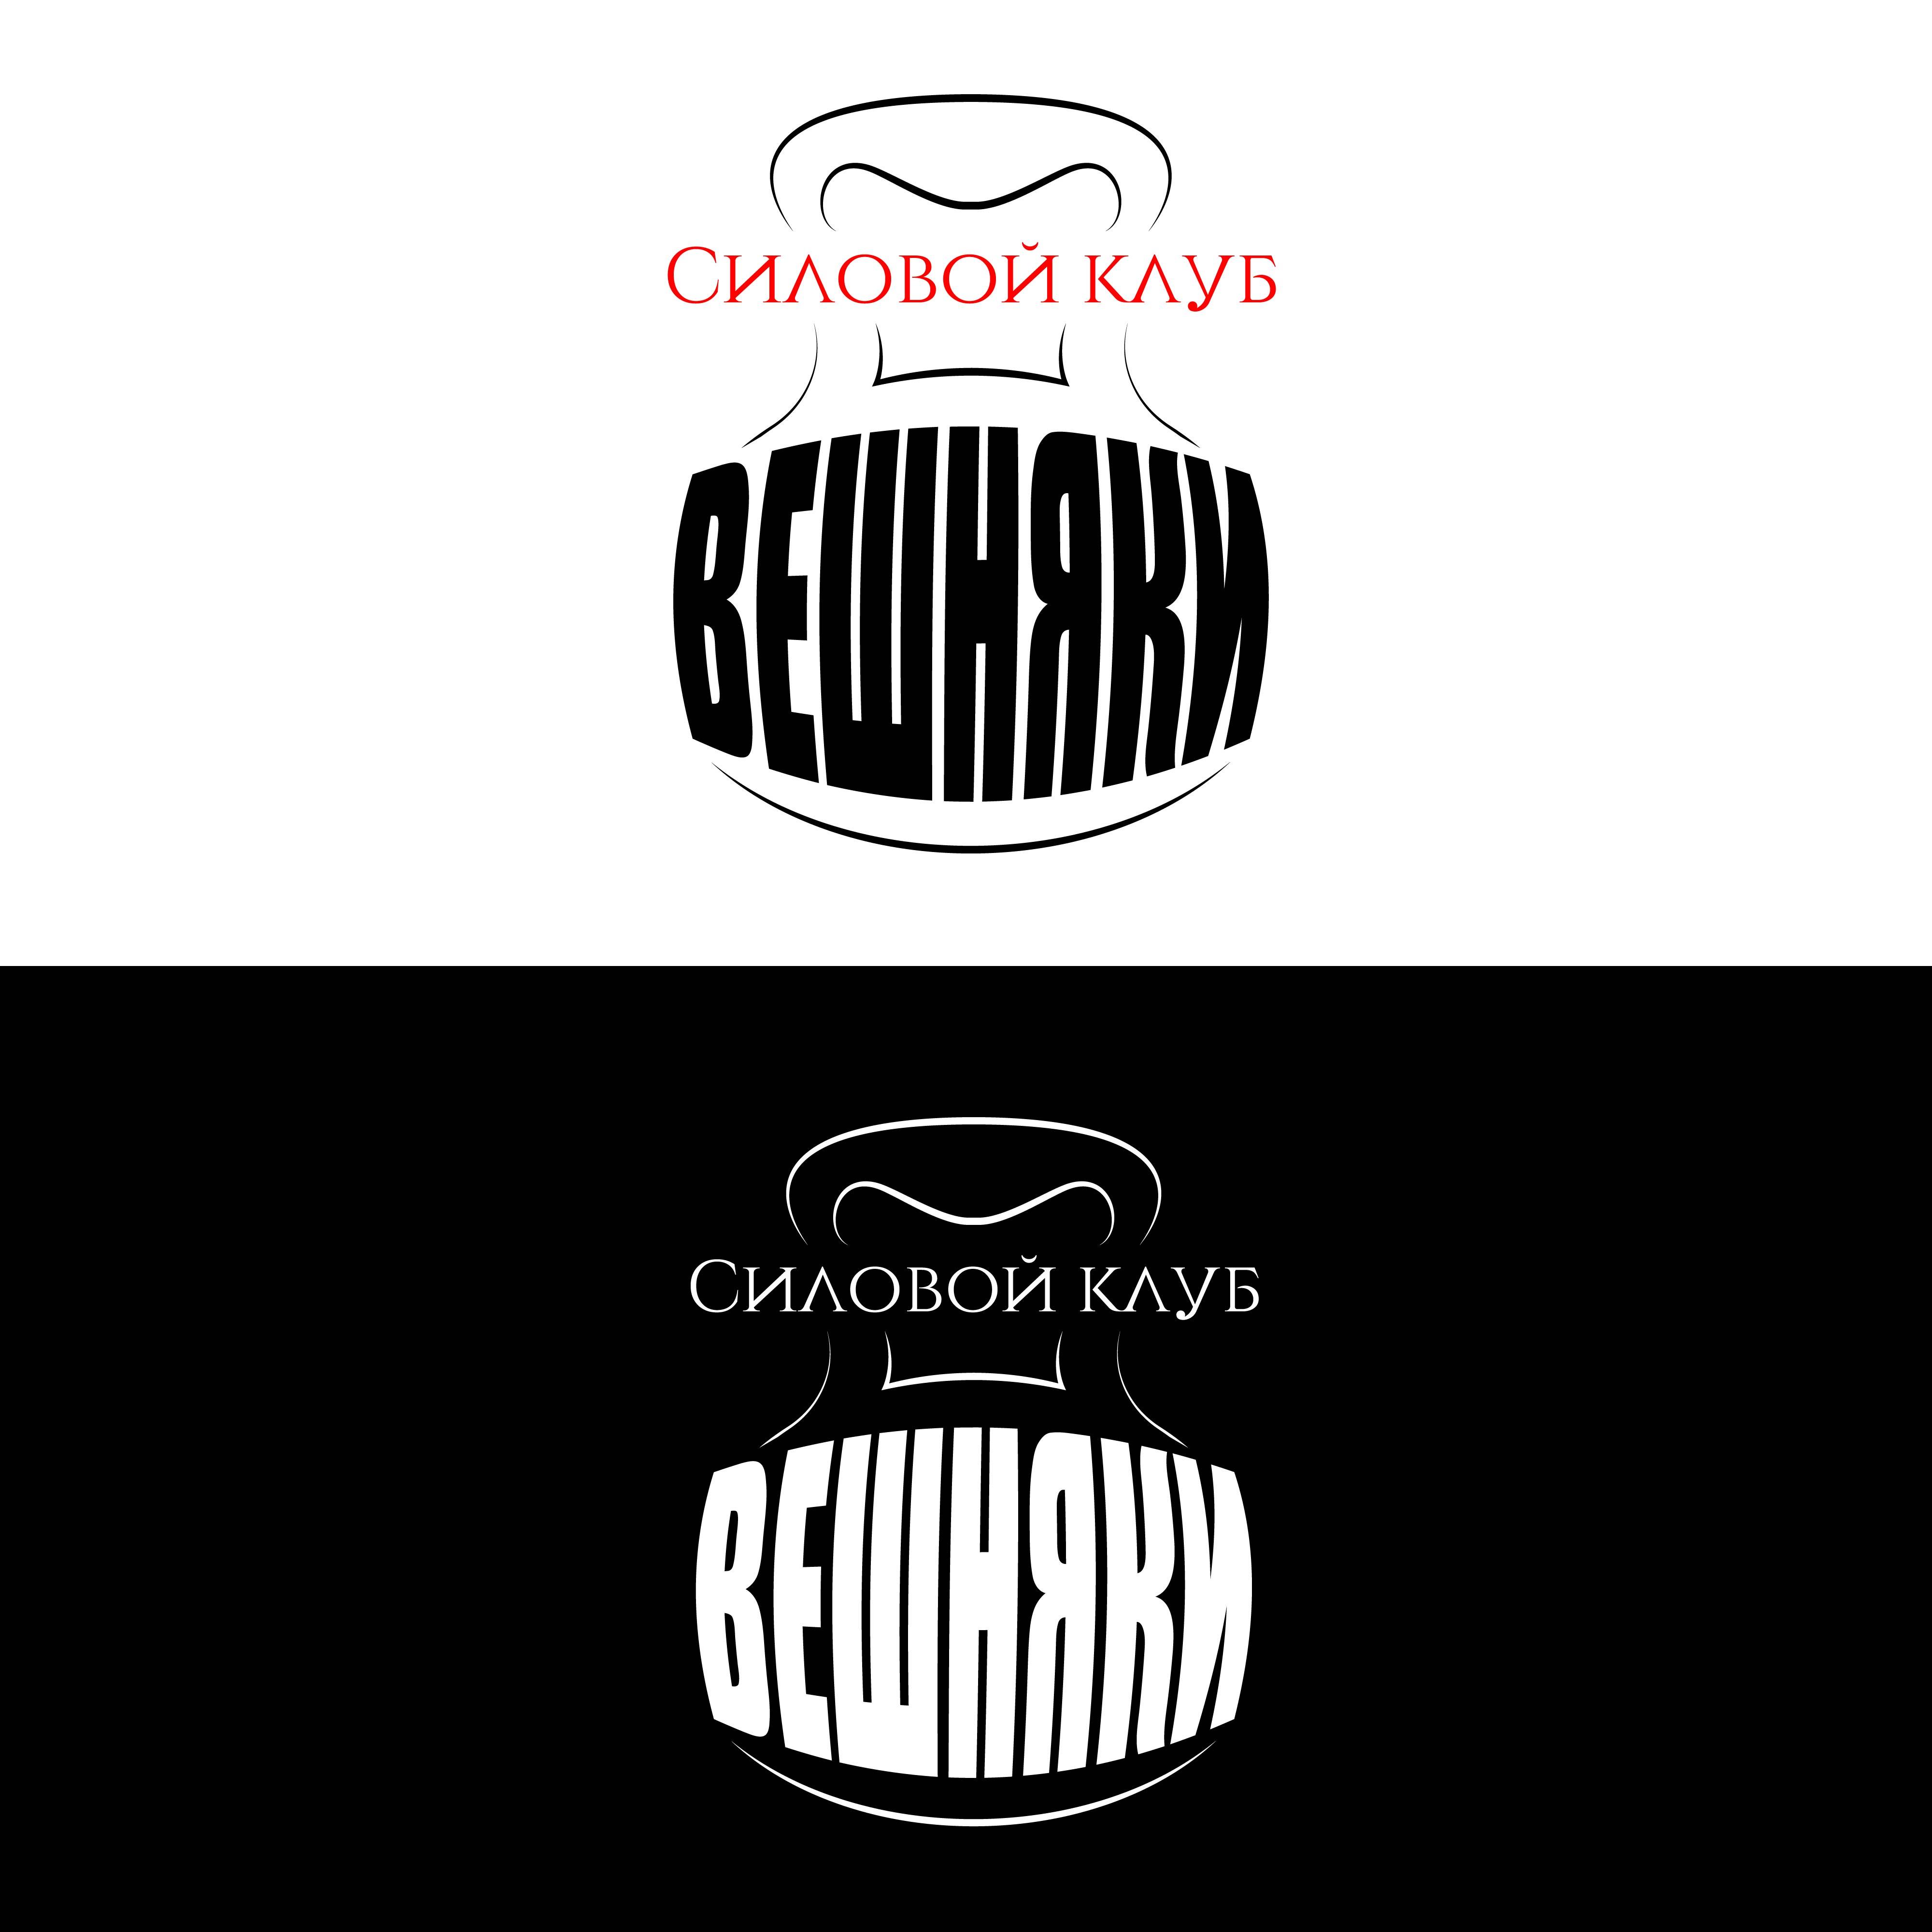 Адаптация (разработка) логотипа Силового клуба ВЕШНЯКИ в инт фото f_8655fba0e3e41855.jpg